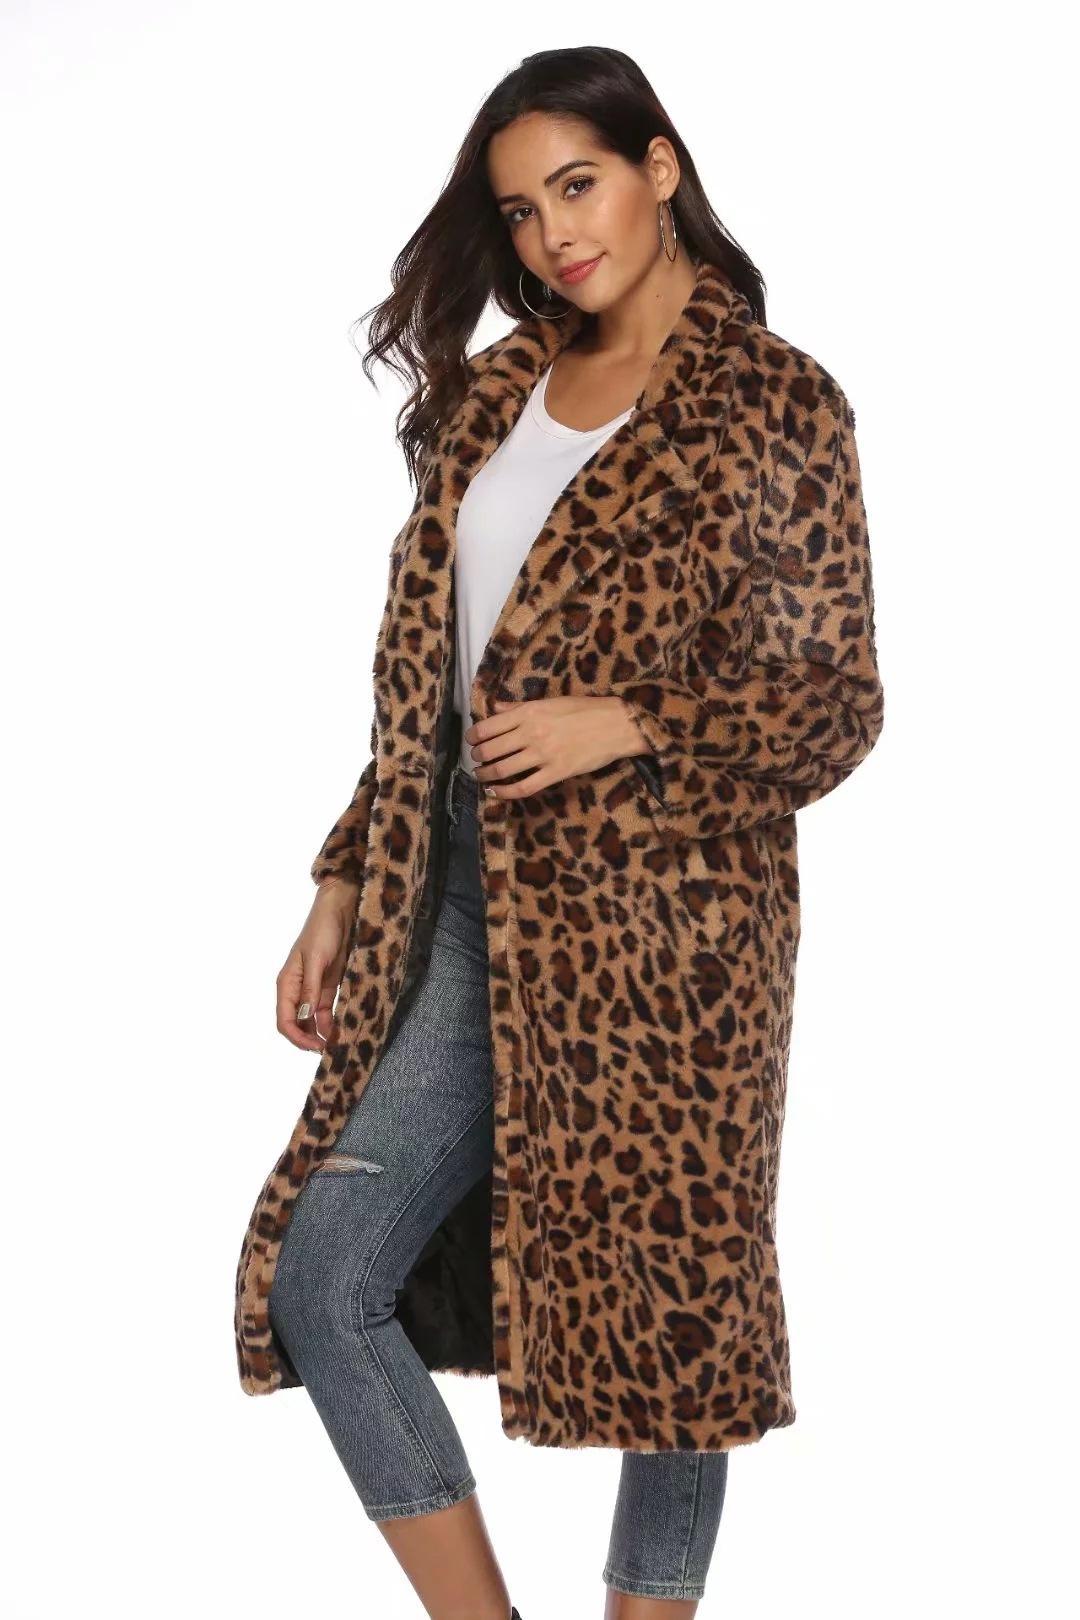 5b9eccfd82c44a Fur Jackets for Women for sale - Fur   Faux Fur Jackets online ...